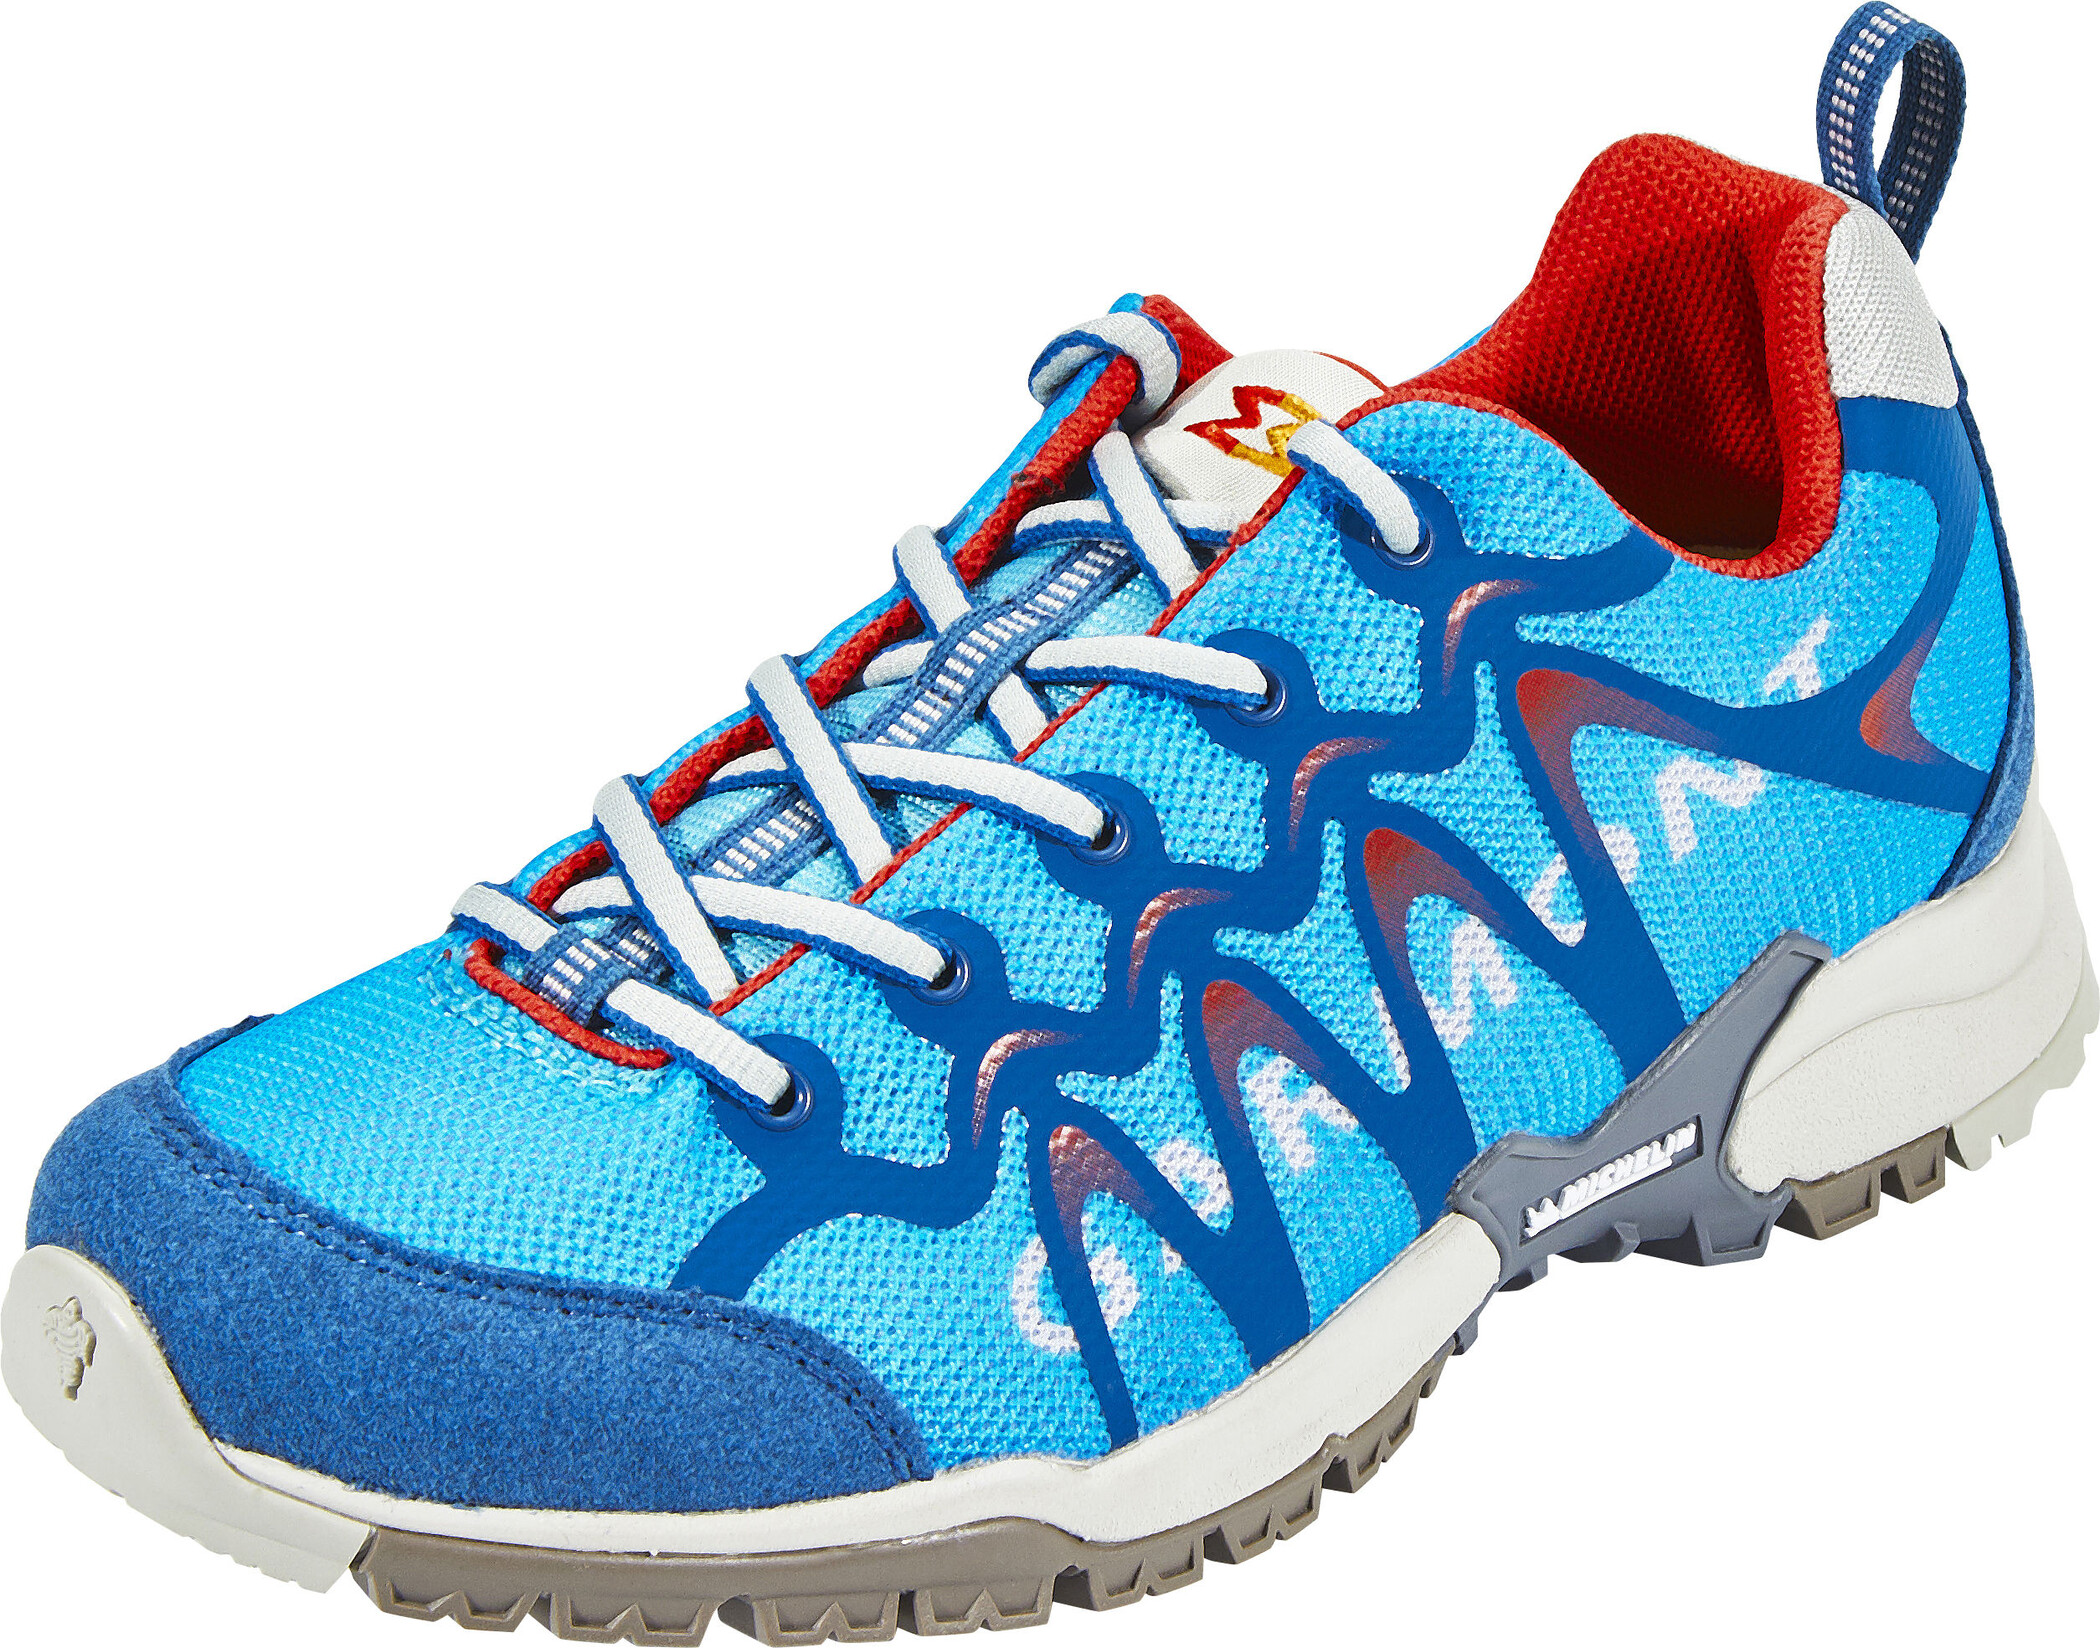 Water Shoes Diplomatic Aqua Socks Beach Pool Walking Water Shoes Rock Climbing Yoga Dance Size 5-10